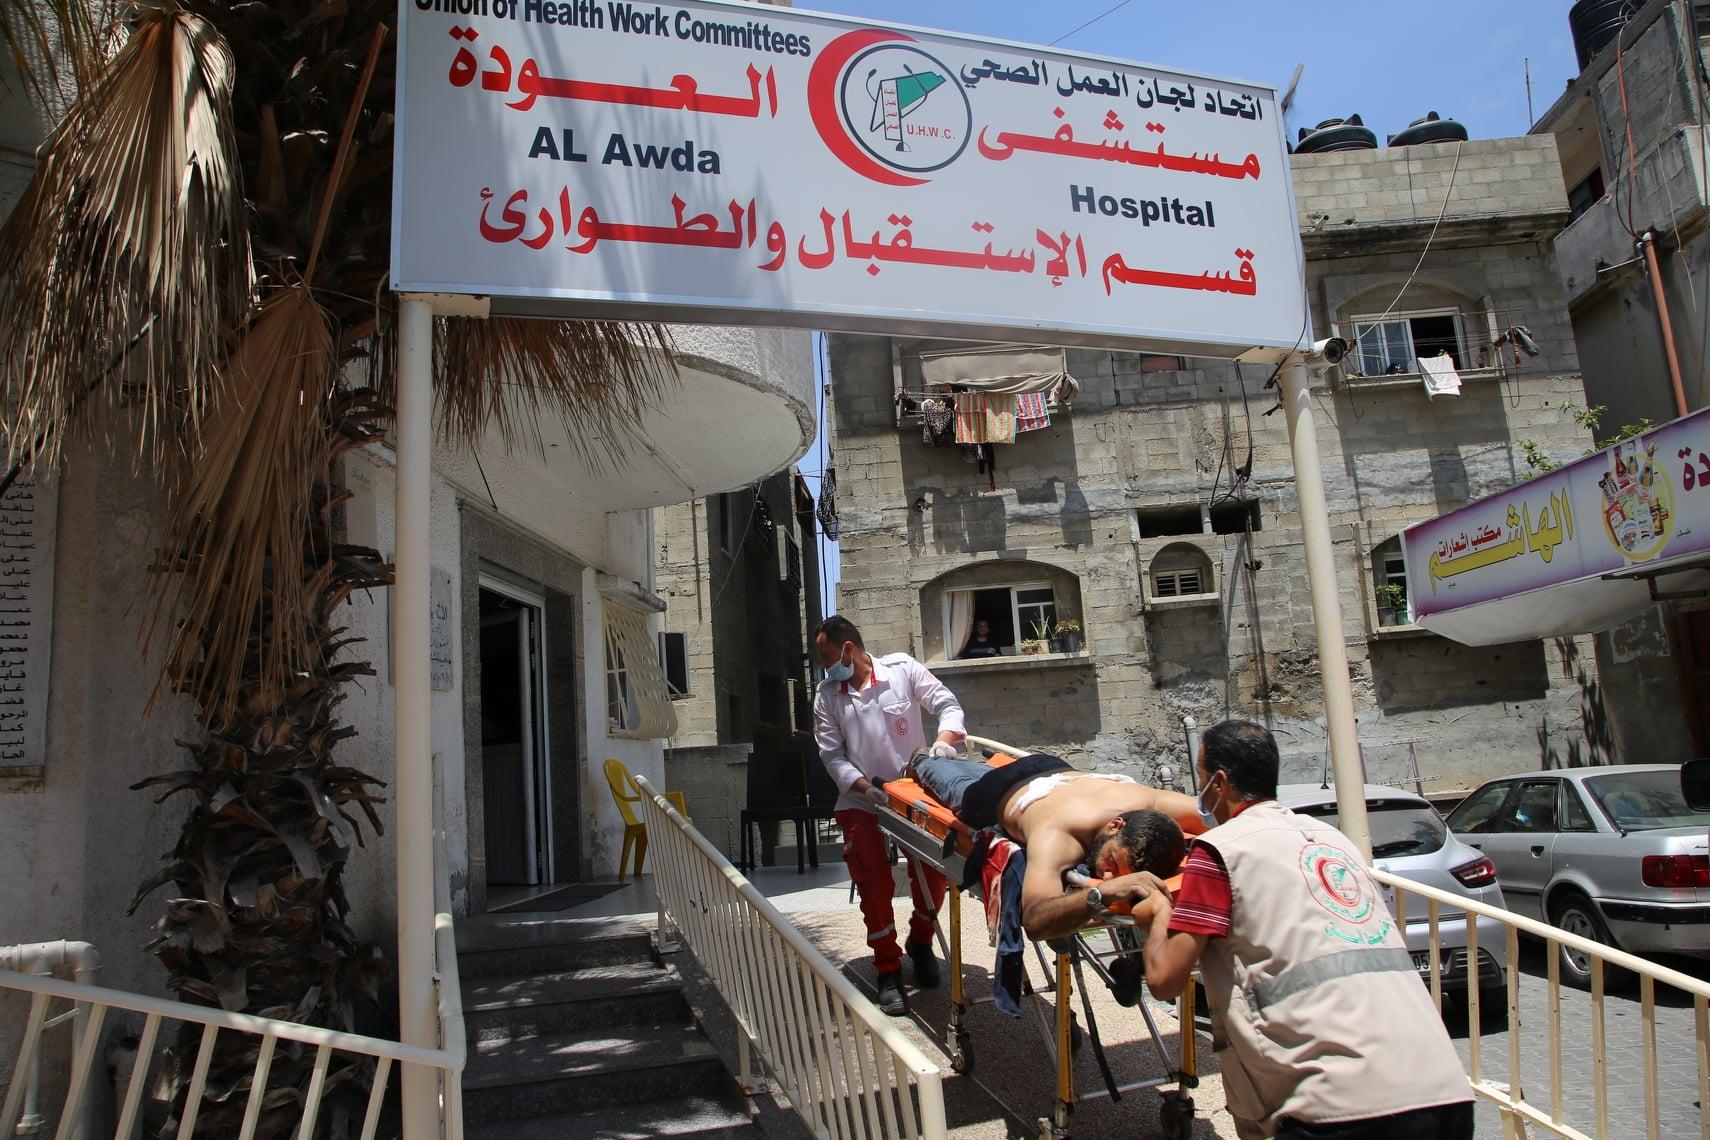 UHWC Gaza Al Awda hospital